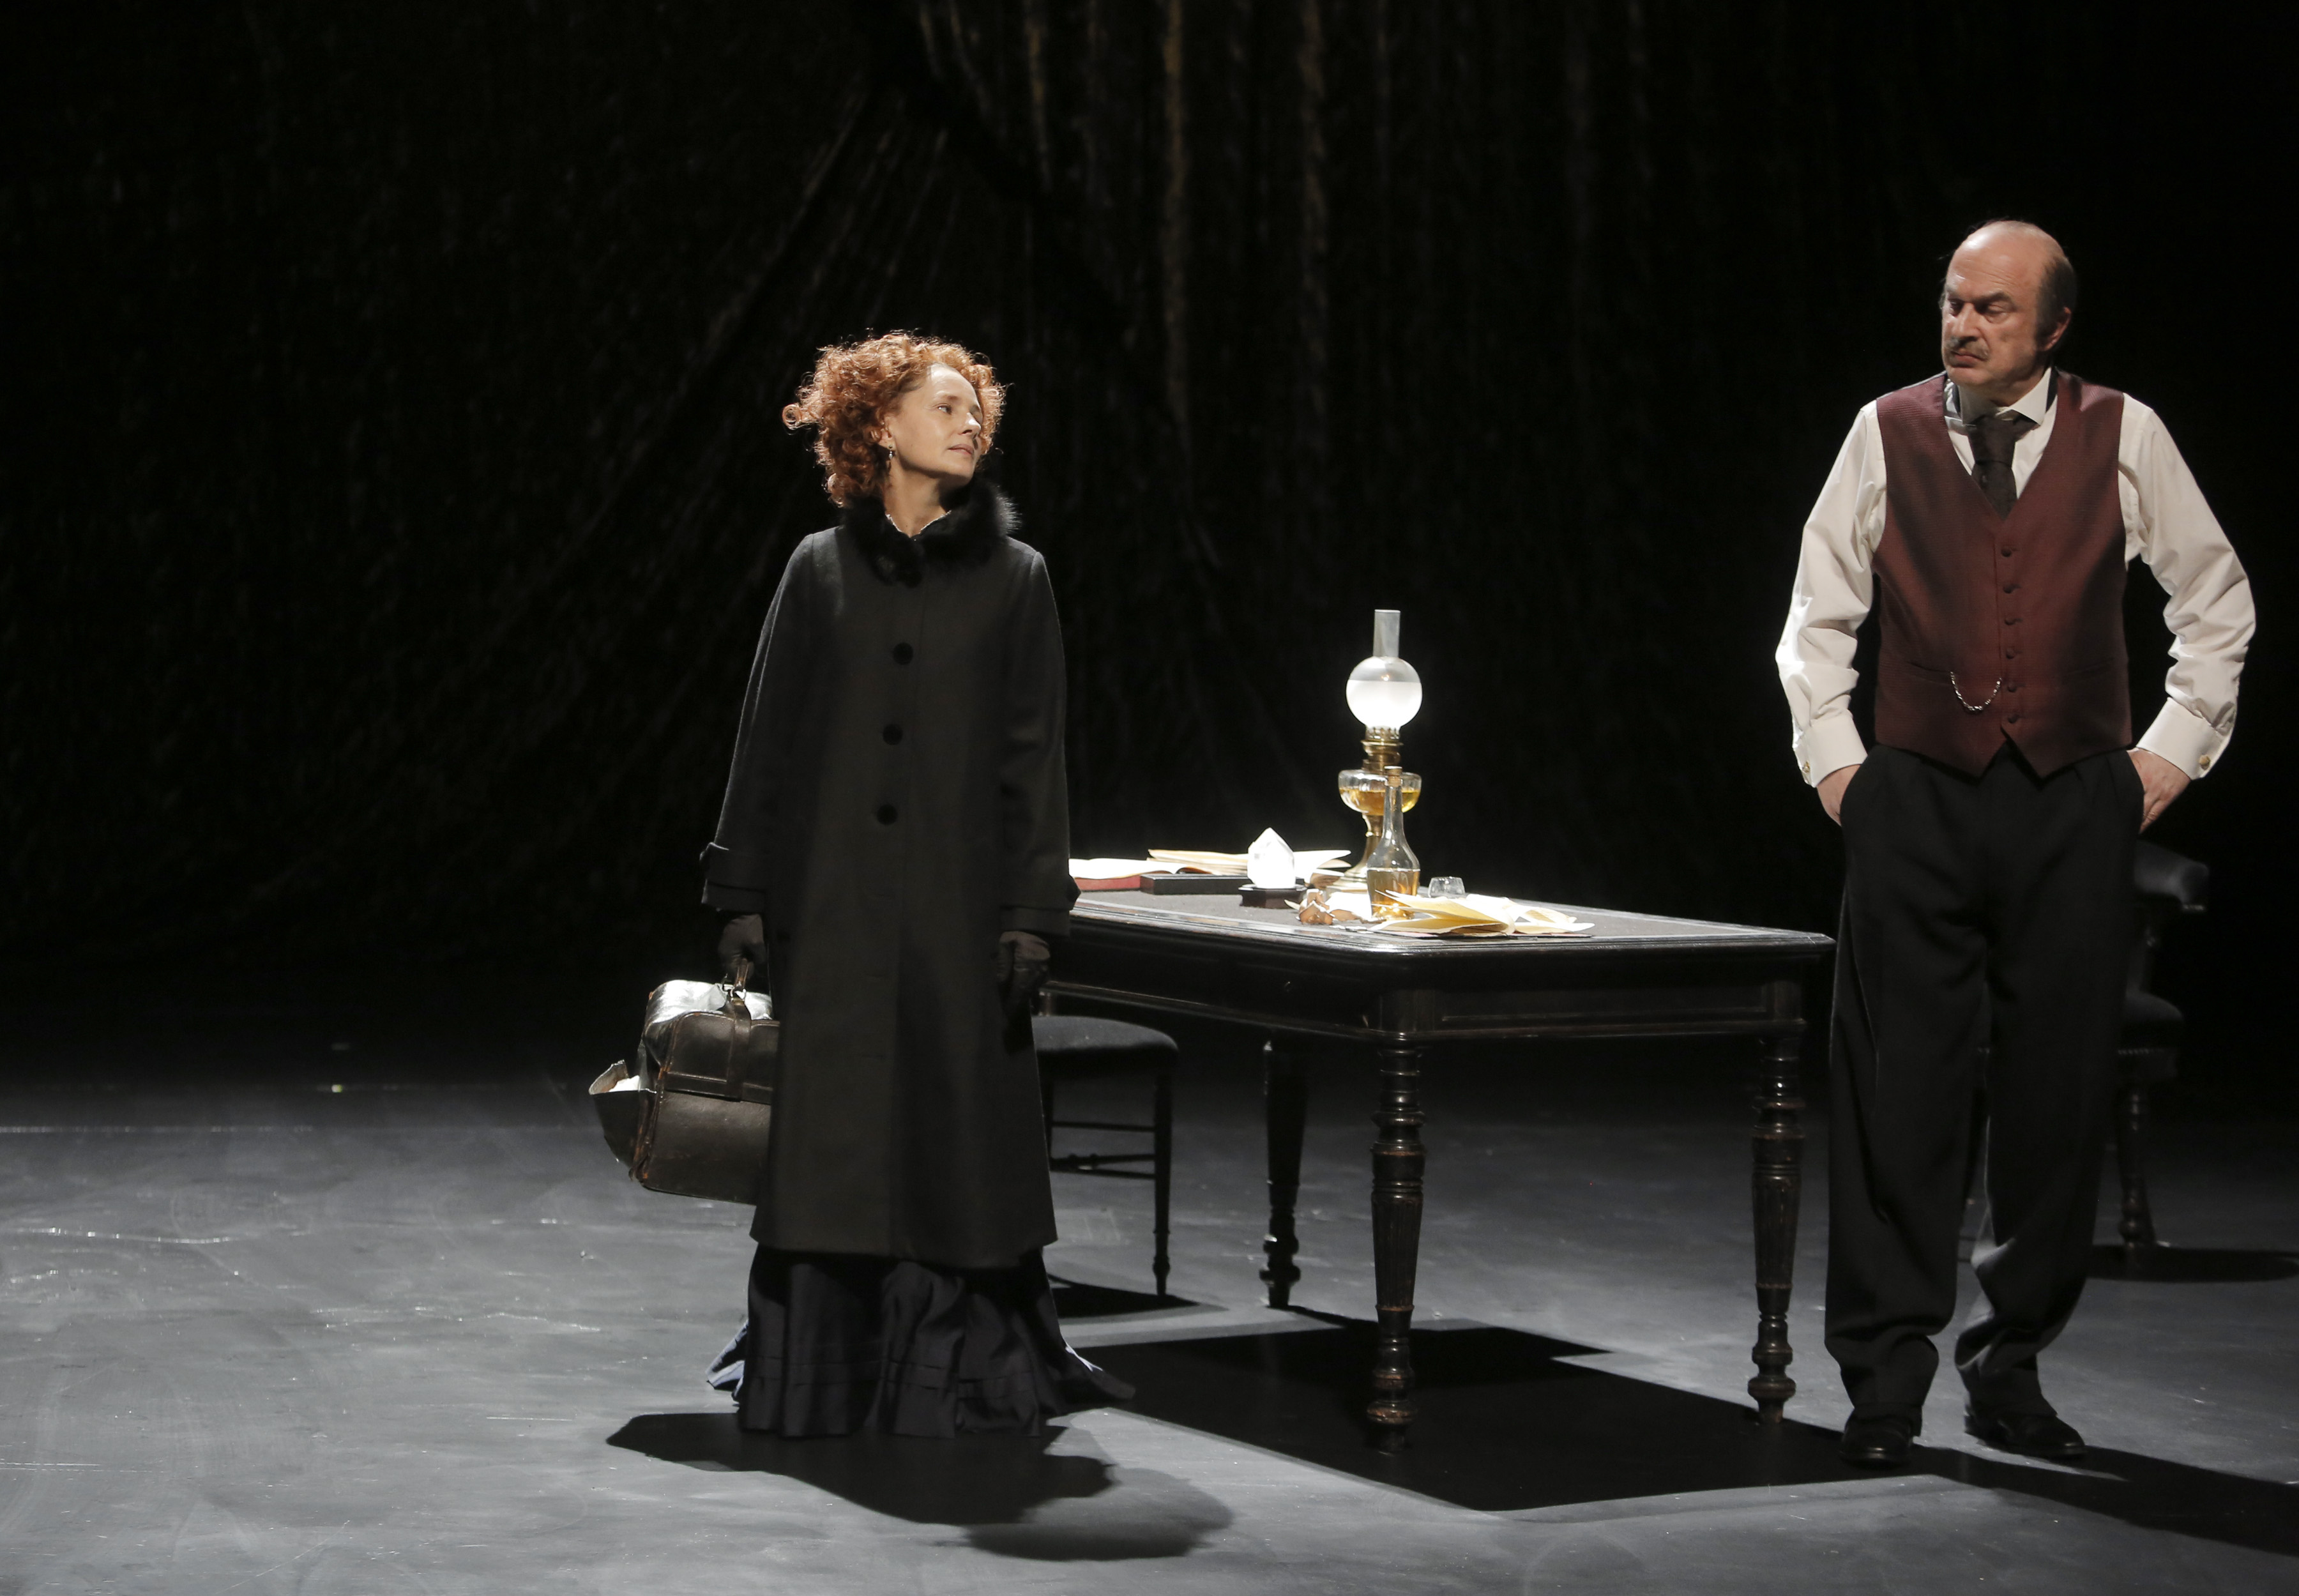 """Jeudi 5 novembre, La Révolte """" Un moment rare de théâtre"""" avec Anouk Grinberg"""